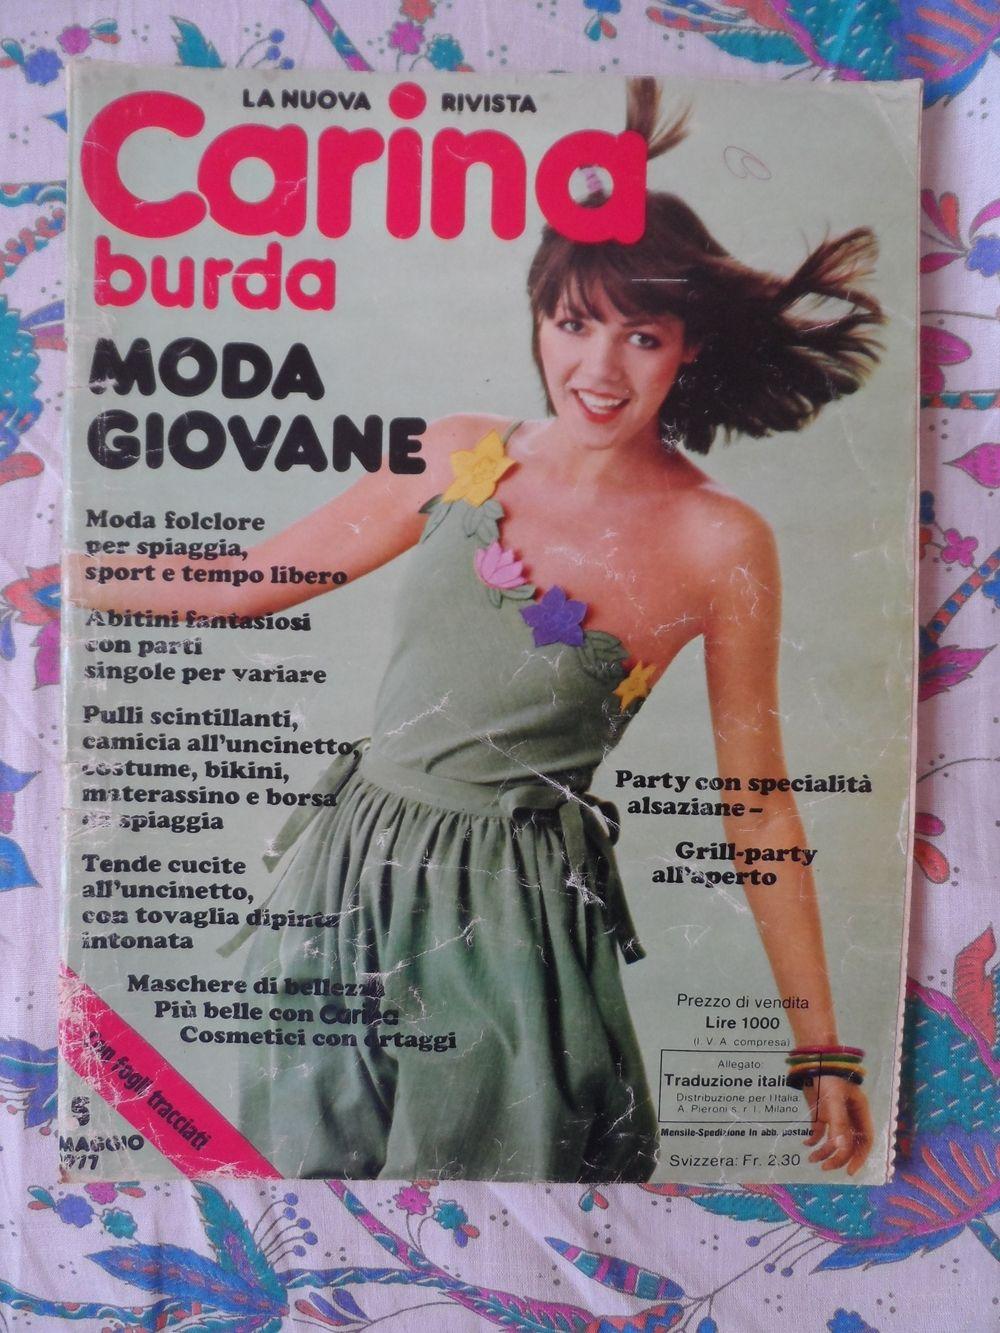 6841fbd5a0b7 Baratto Scambio  Rivista Cucito Burda Vintage   Libri